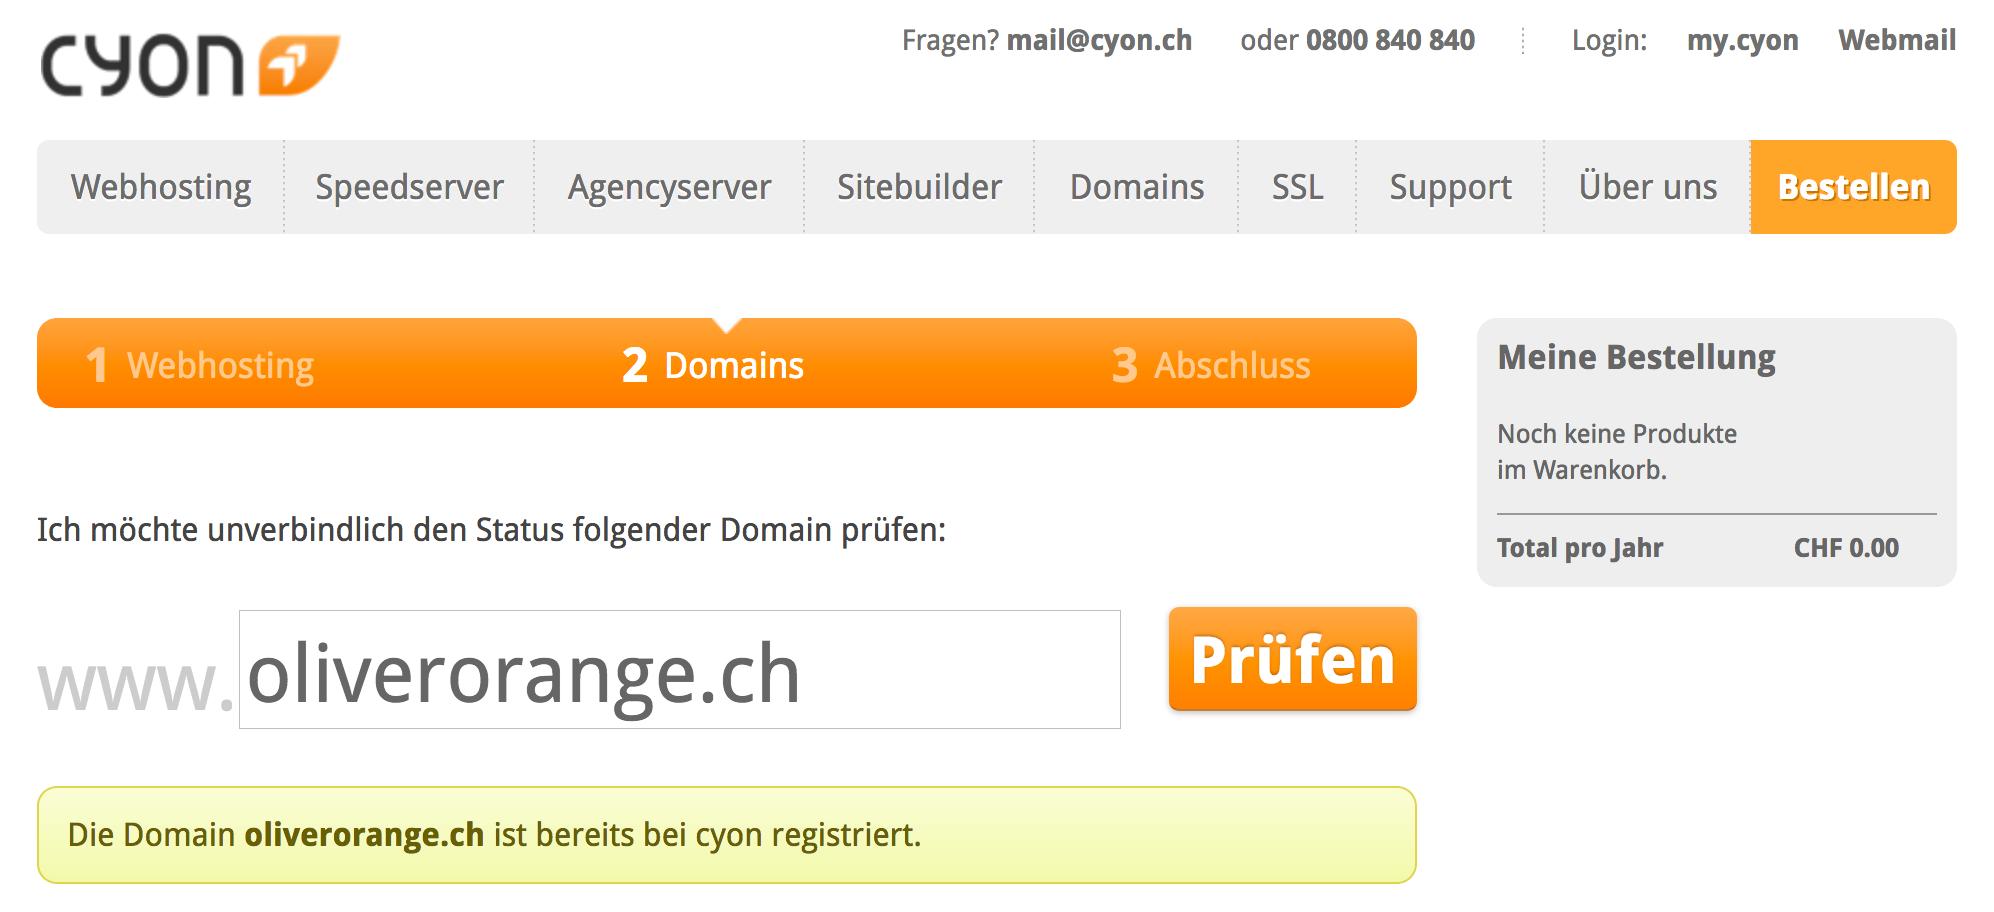 Domain ist bereits bei cyon registriert